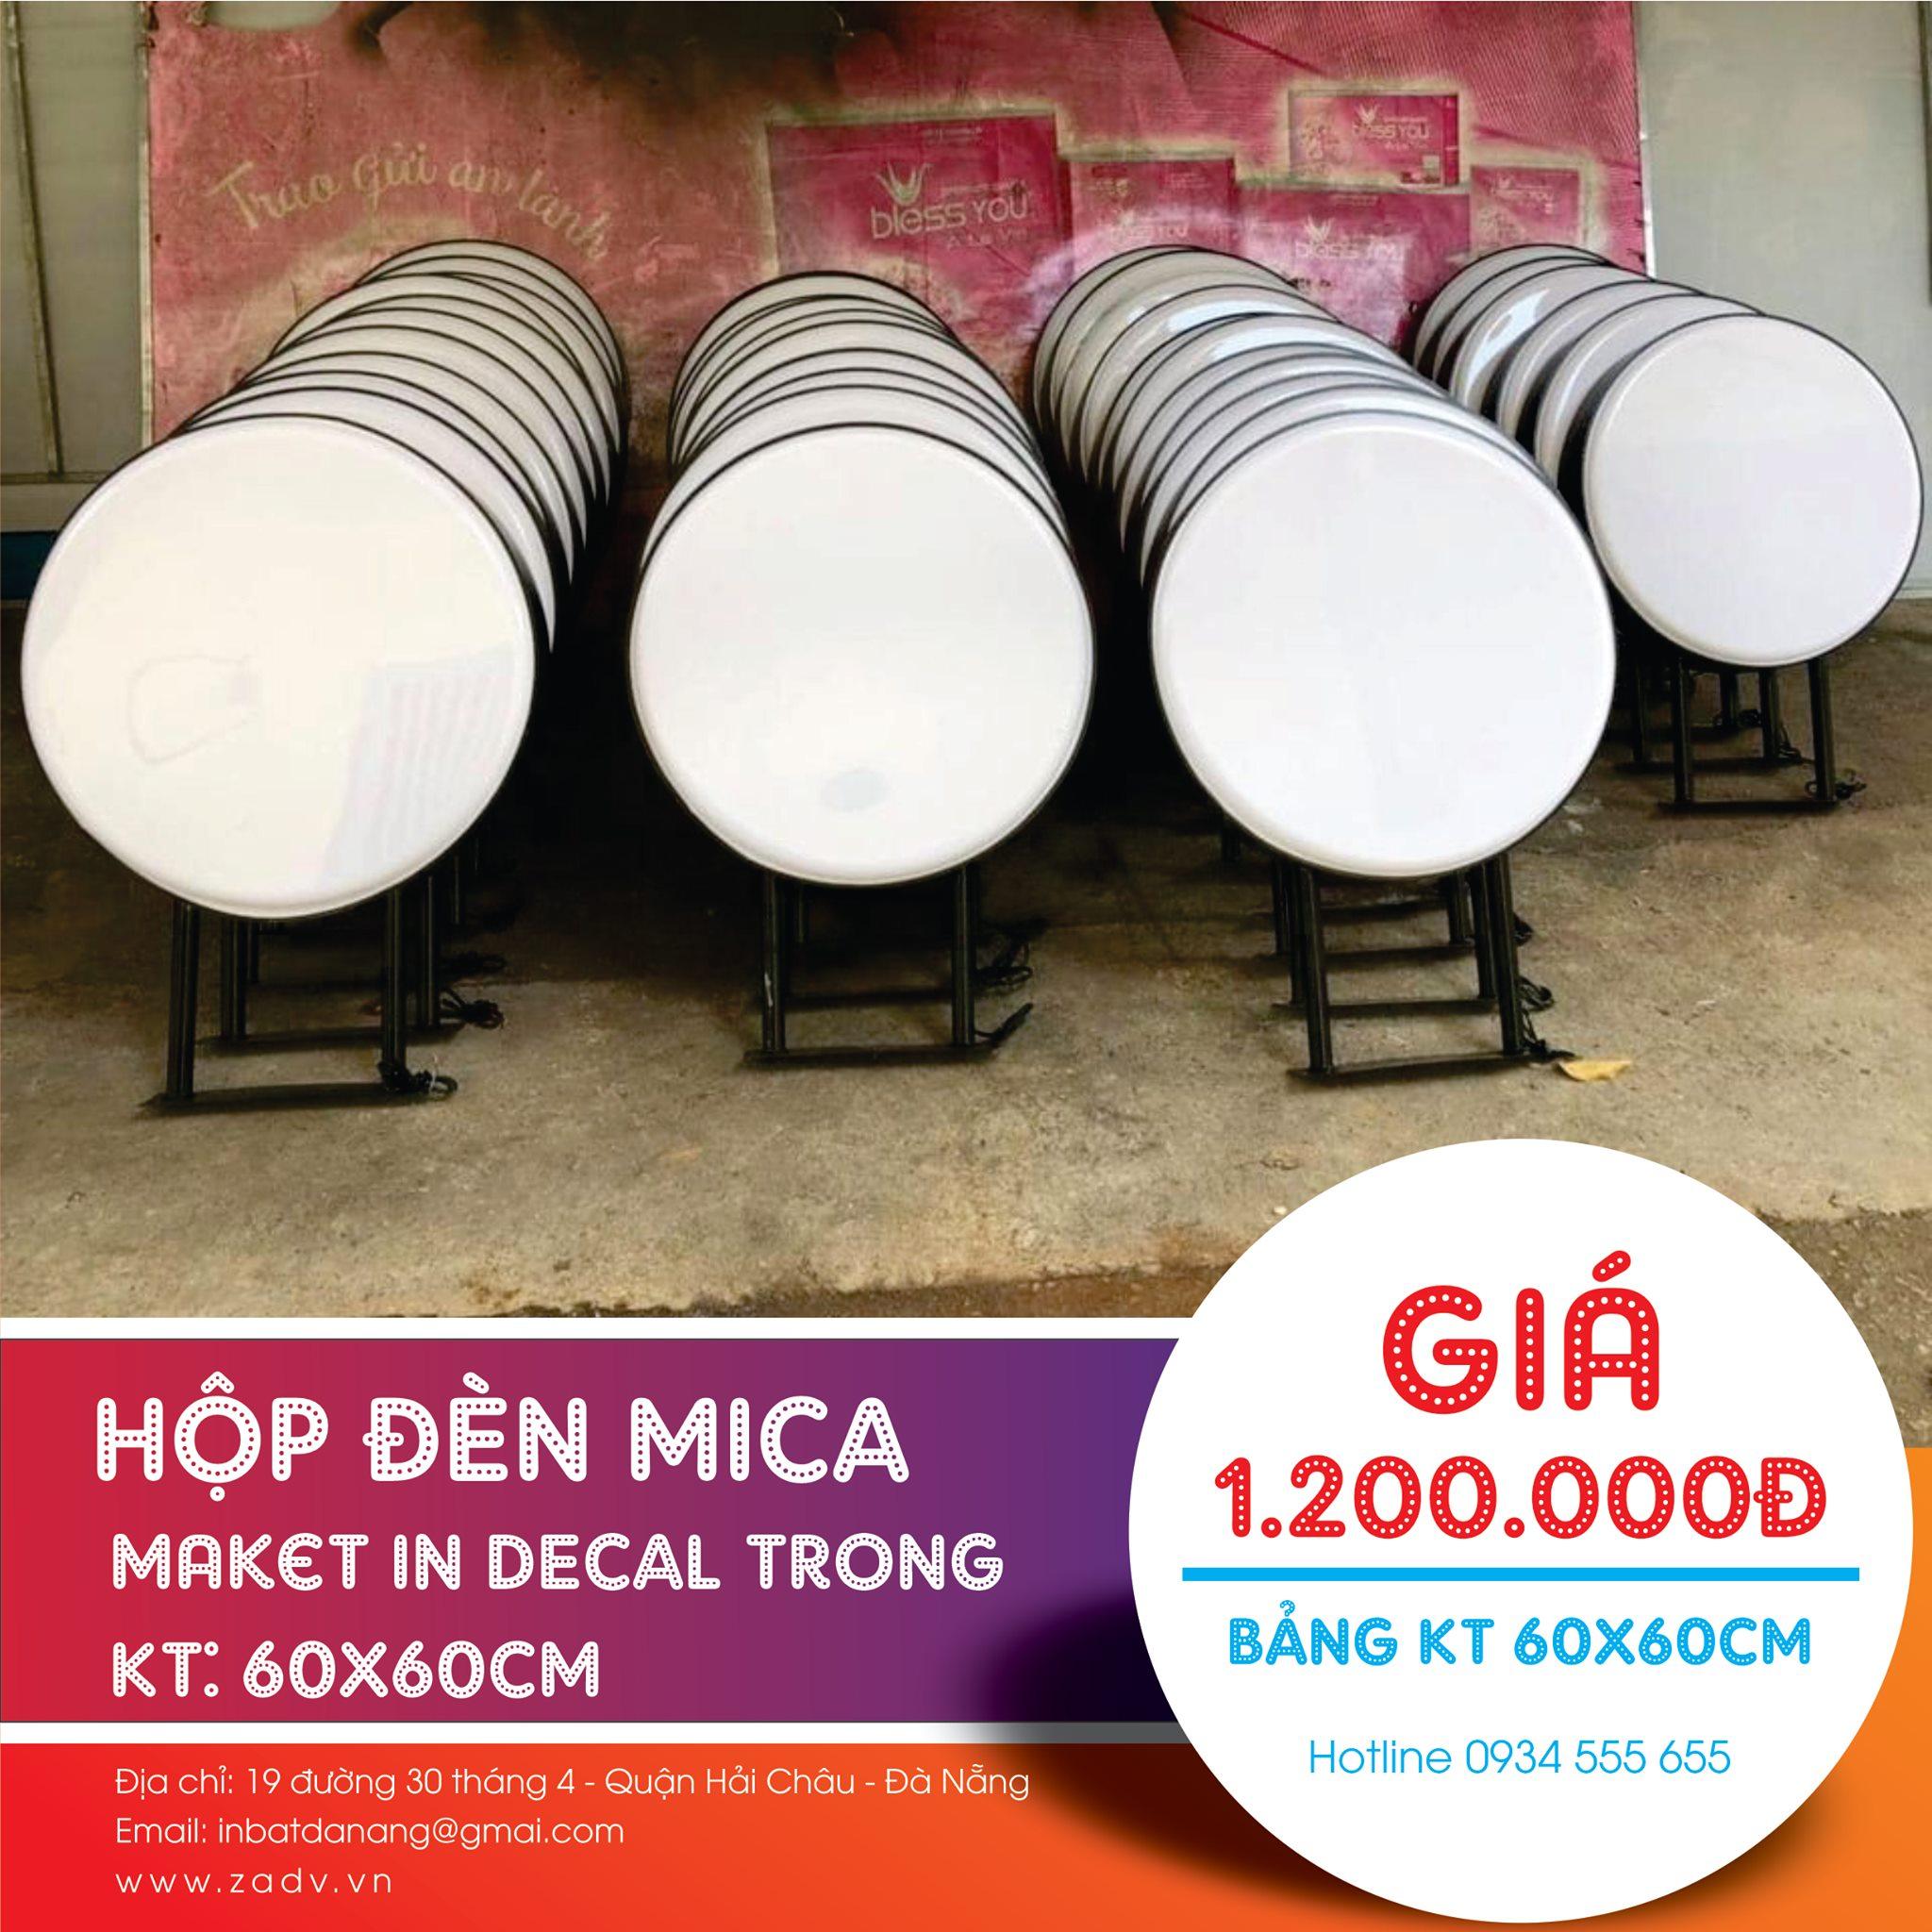 Biển hiệu mica vẫy tại Đà Nẵng giá rẻ nhất